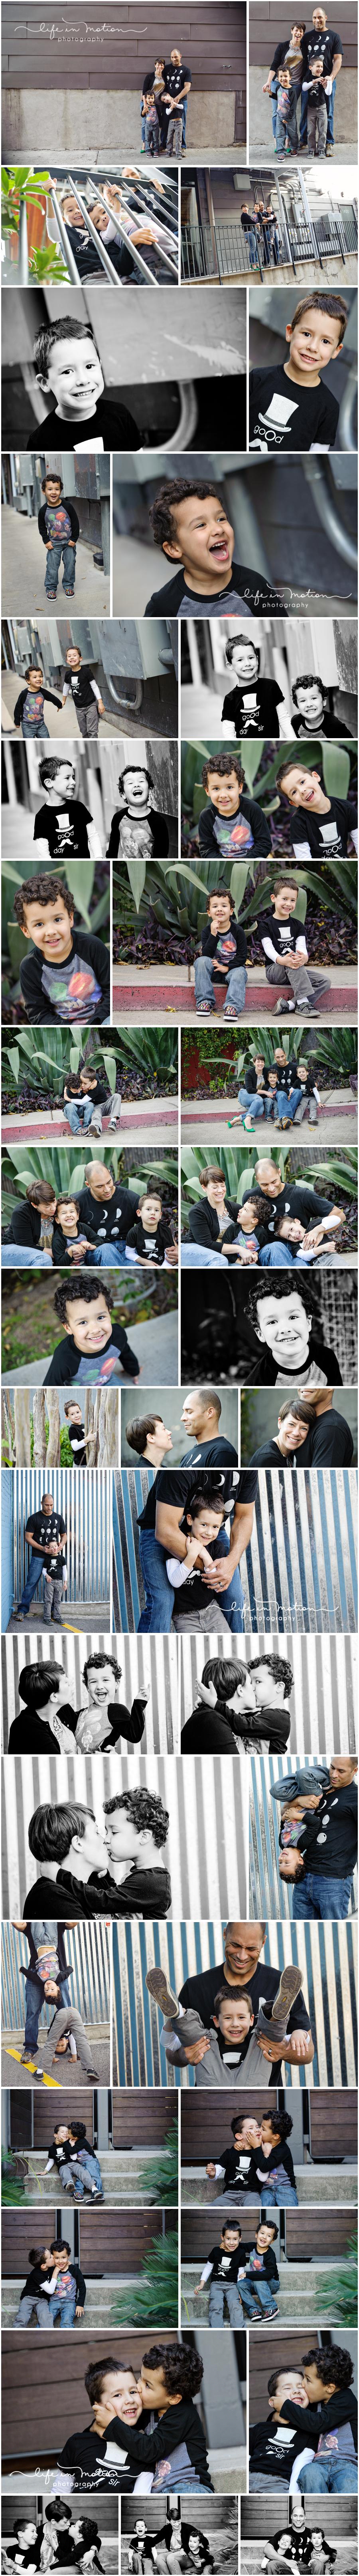 austin_family_photos